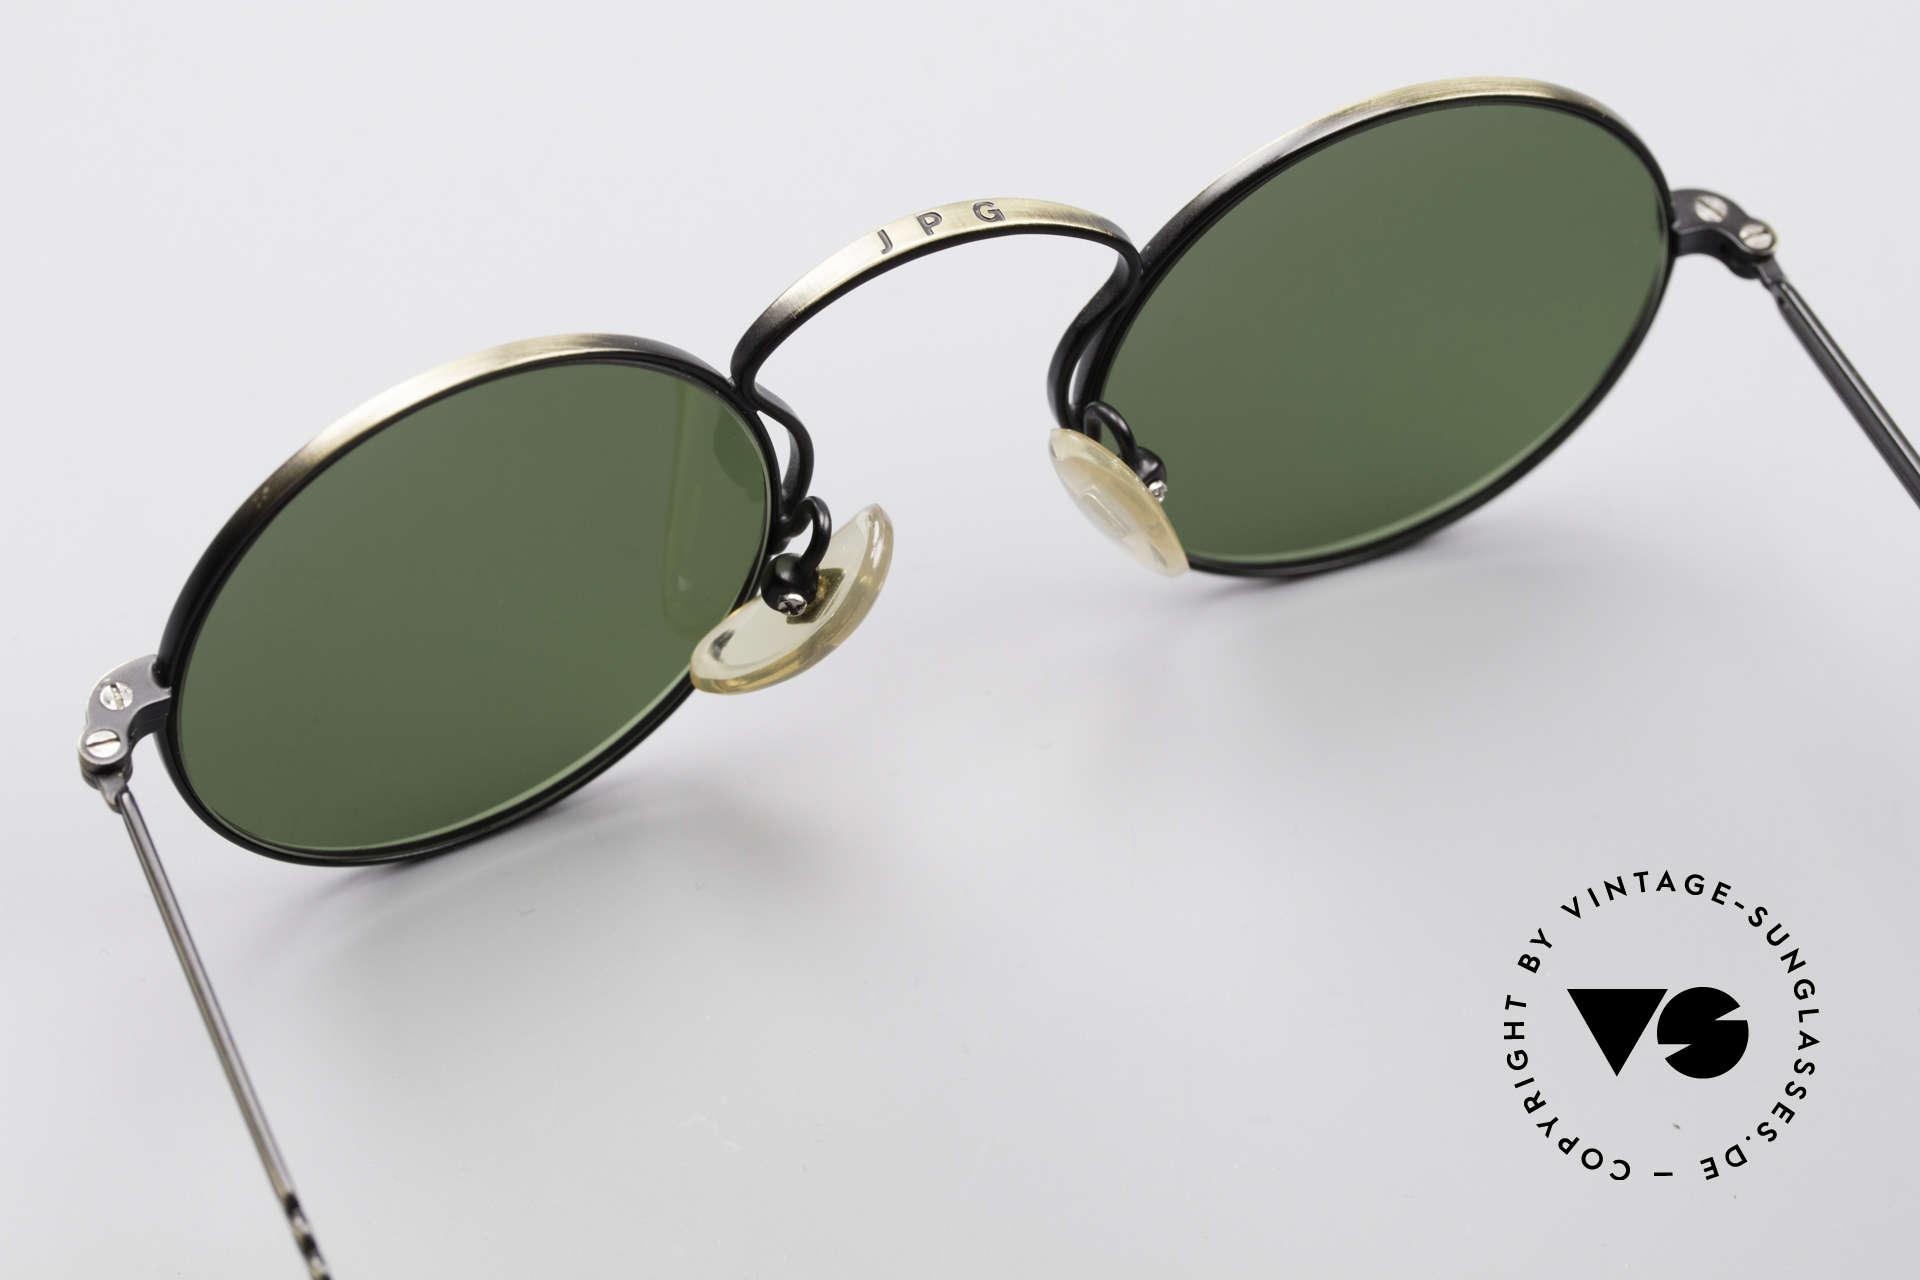 Jean Paul Gaultier 55-0172 90er Designer Sonnenbrille, grüne Gläser können durch optische ersetzt werden, Passend für Herren und Damen